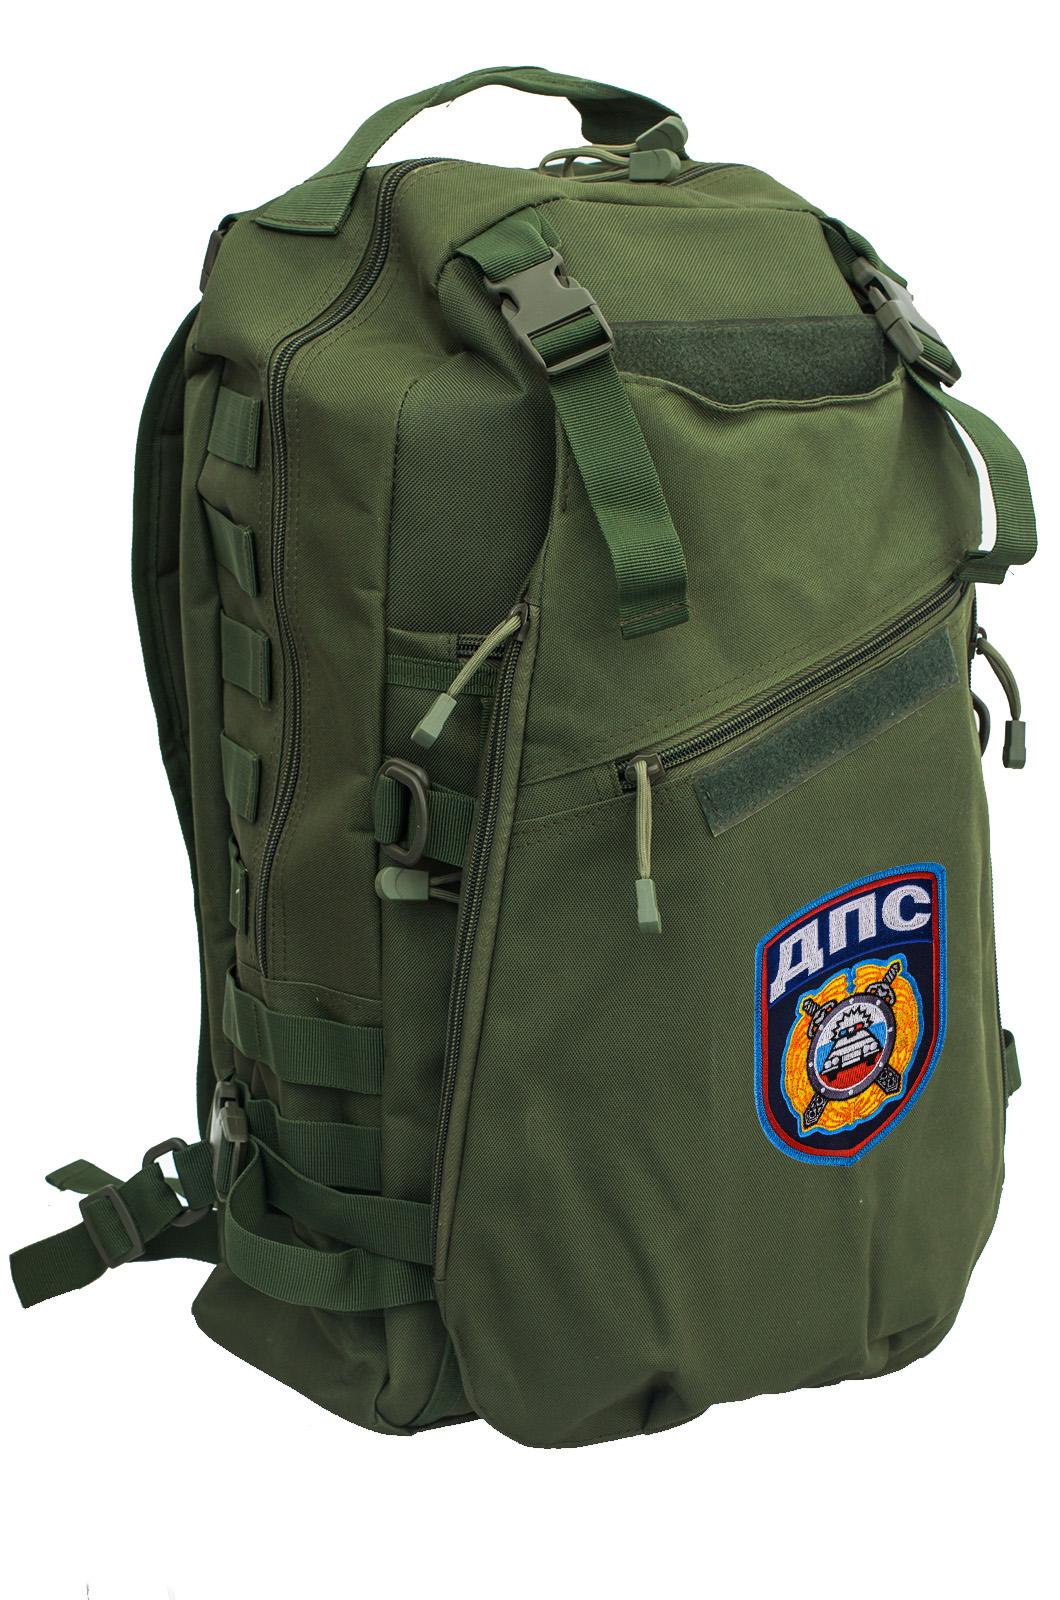 Крутой тактический рюкзак с нашивкой ДПС - заказать выгодно